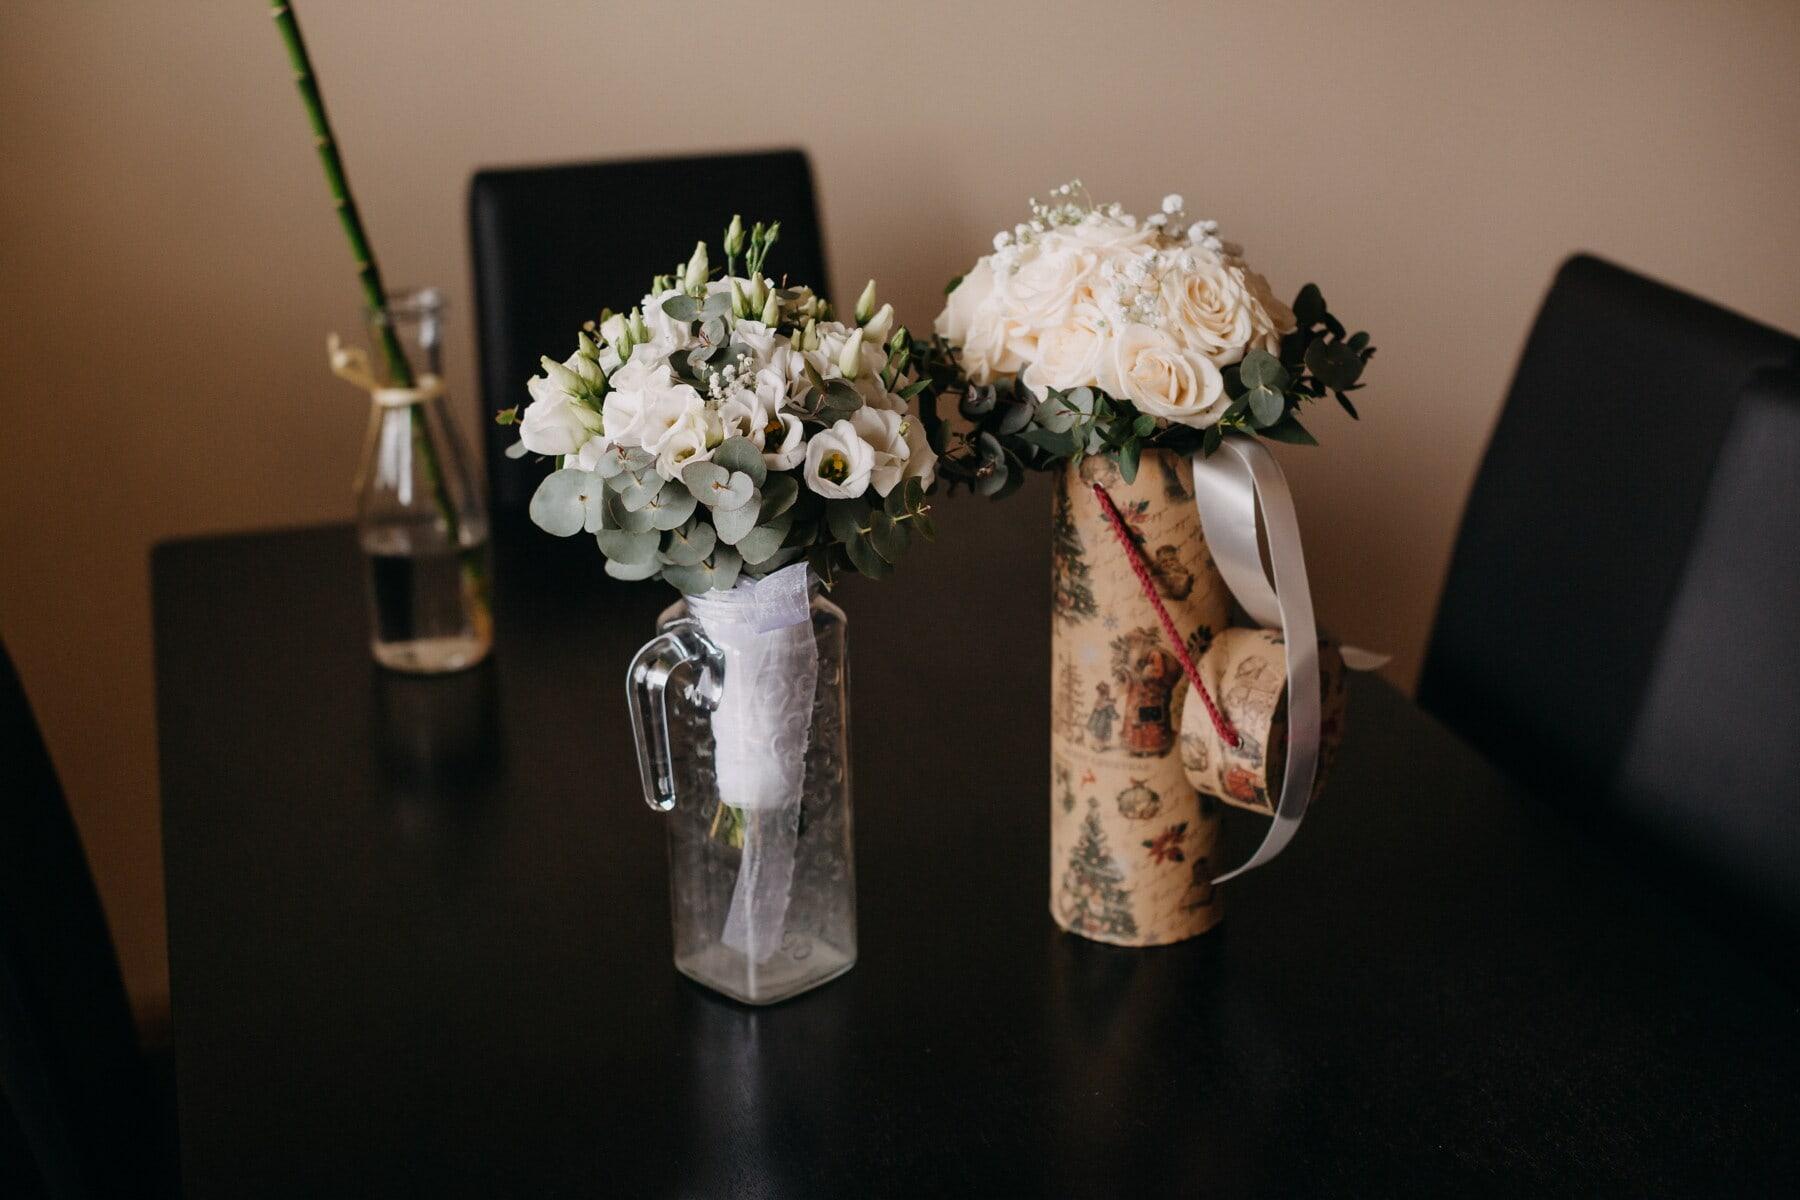 ช่อดอกไม้, เก้าอี้, สำนักงาน, โต๊ะ, ตกแต่งภายใน, แจกัน, ความสง่างาม, ดอกกุหลาบ, เรียบง่าย, ชีวิตยังคง